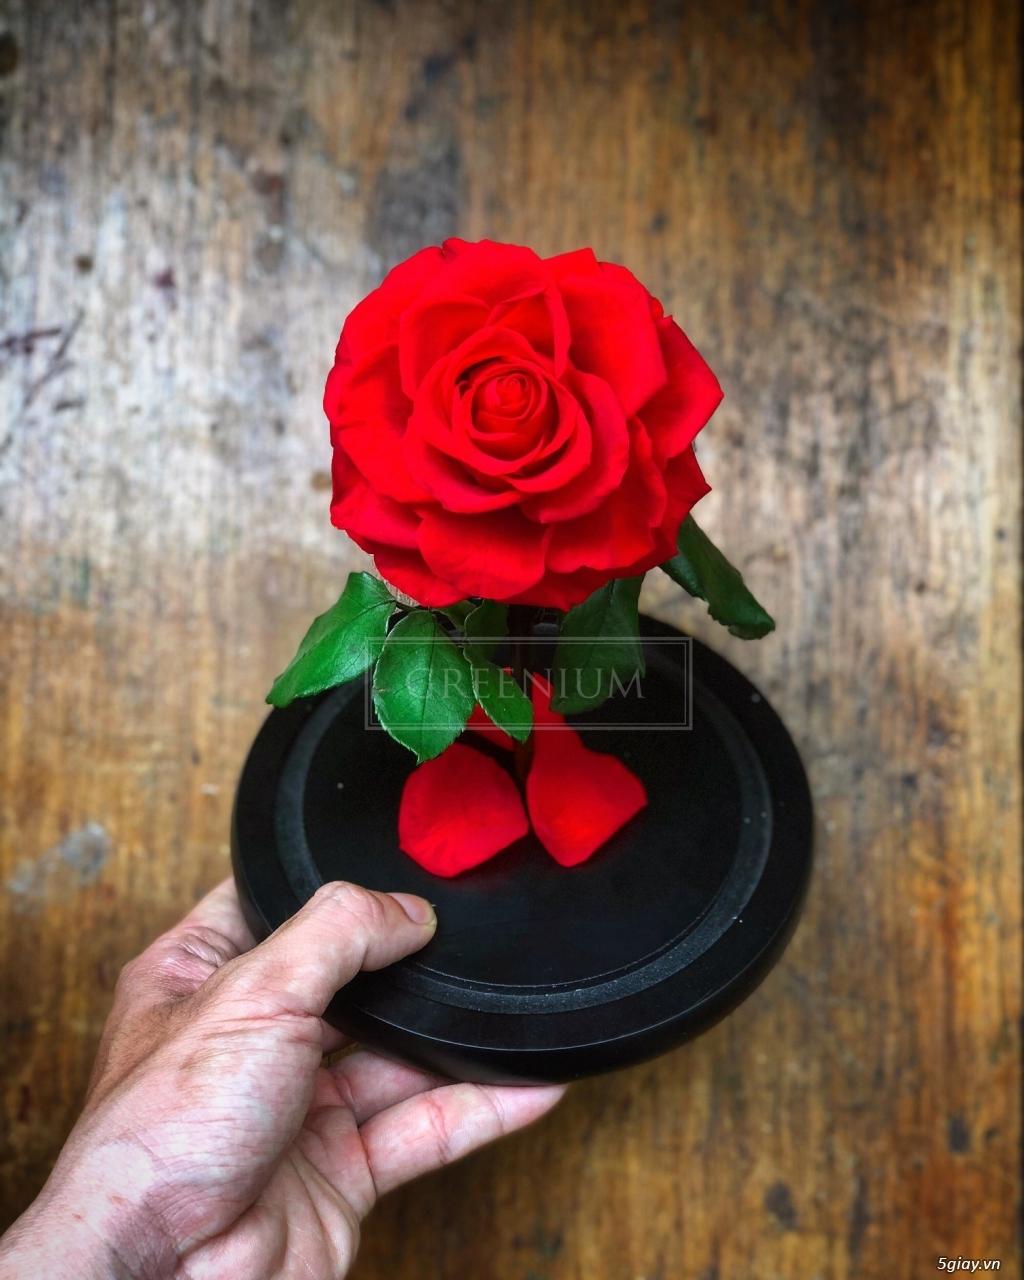 HCM - Hoa hồng vĩnh cữu đặt trong lọ kính cực kỳ sang trọng - 3